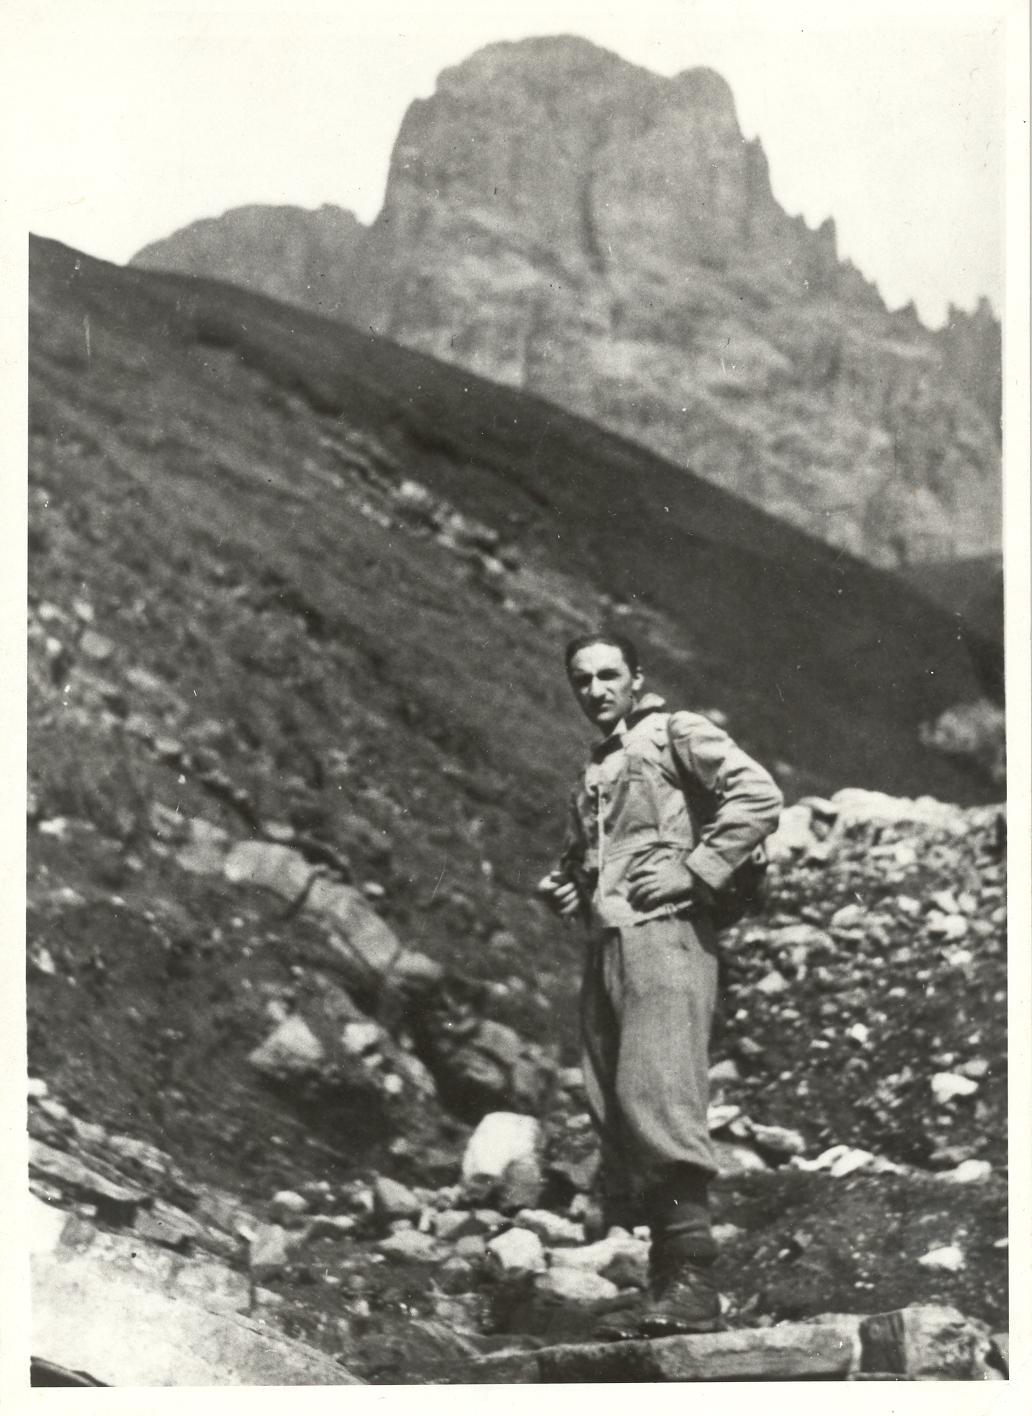 21-30 agosto 1937, Dolomiti occidentali; verso il Sassolungo e il Sassopiatto.